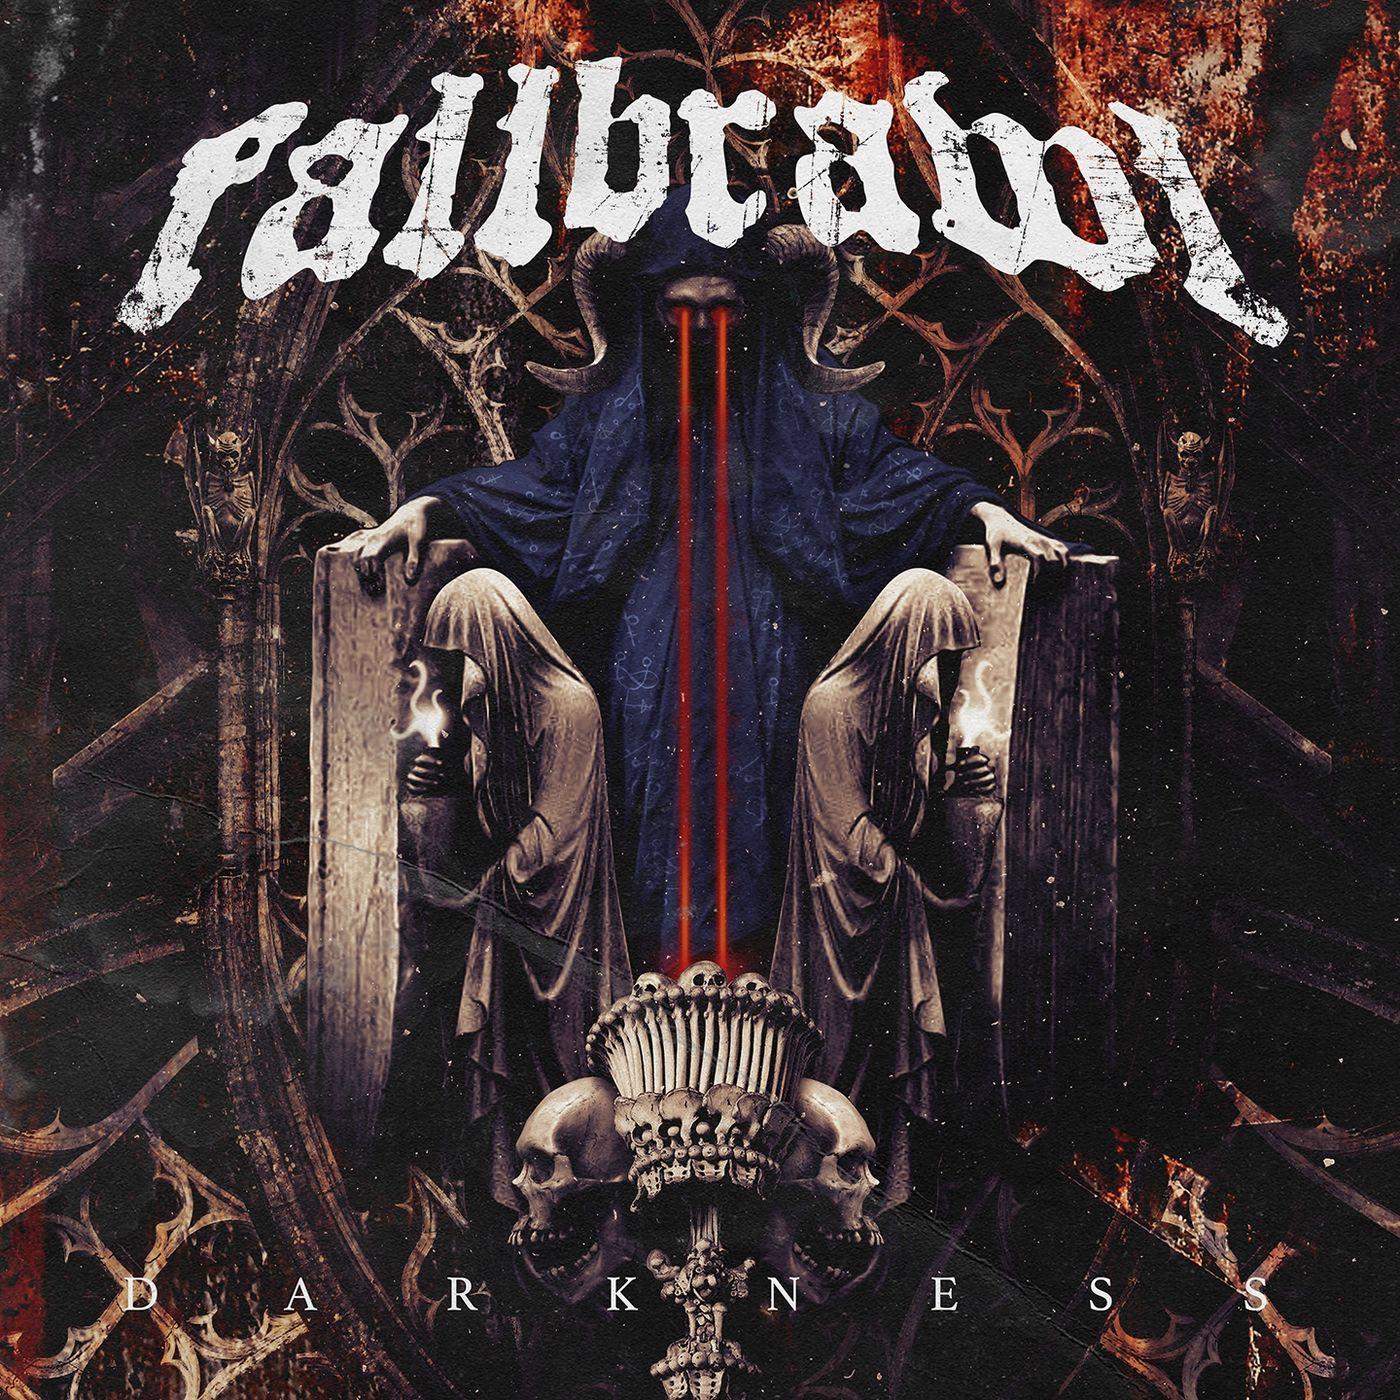 Fallbrawl – Darkness